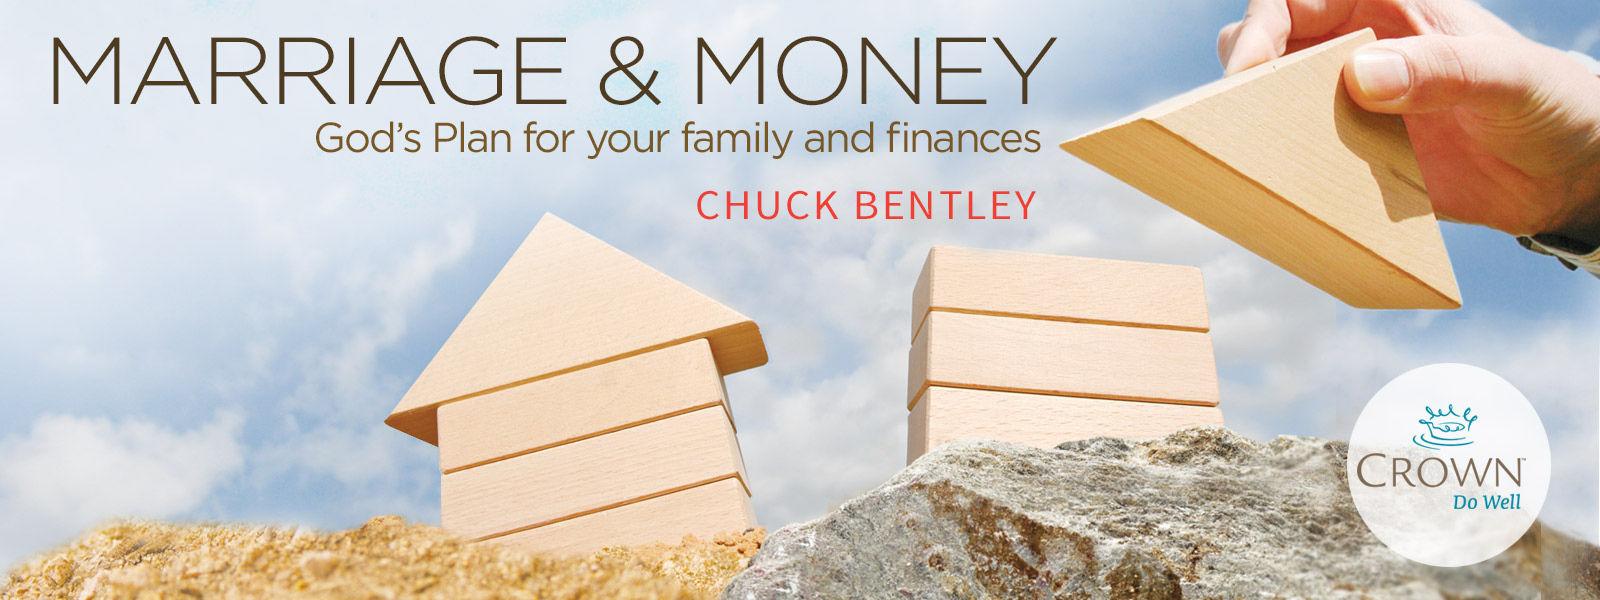 God's Divine Plan for Family Finances